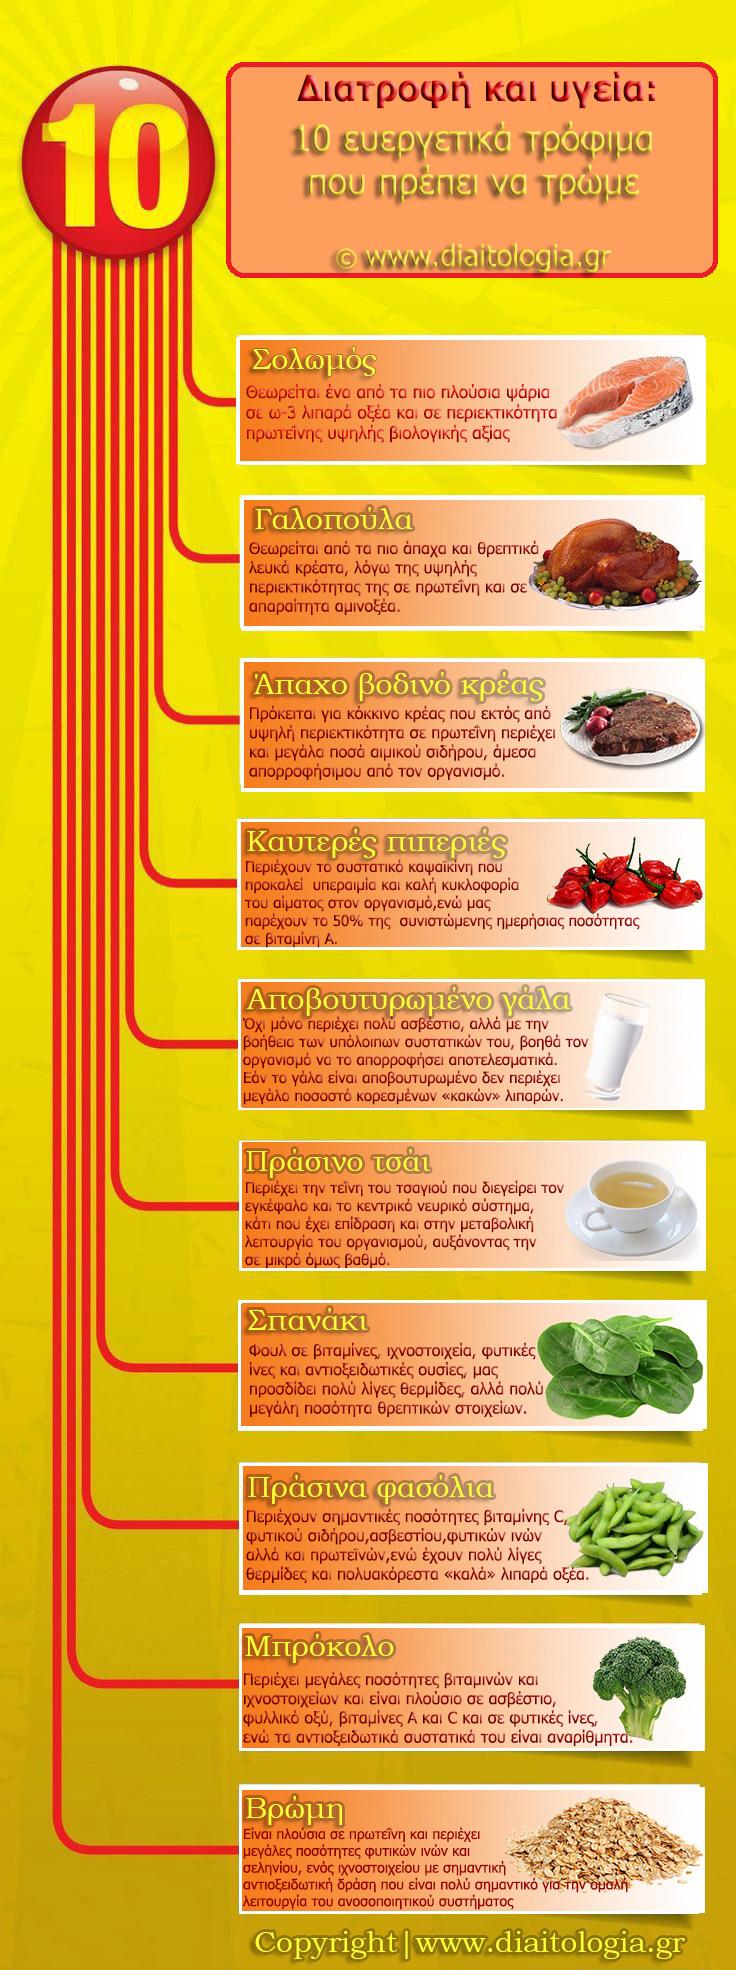 ευεργετικά τρόφιμα